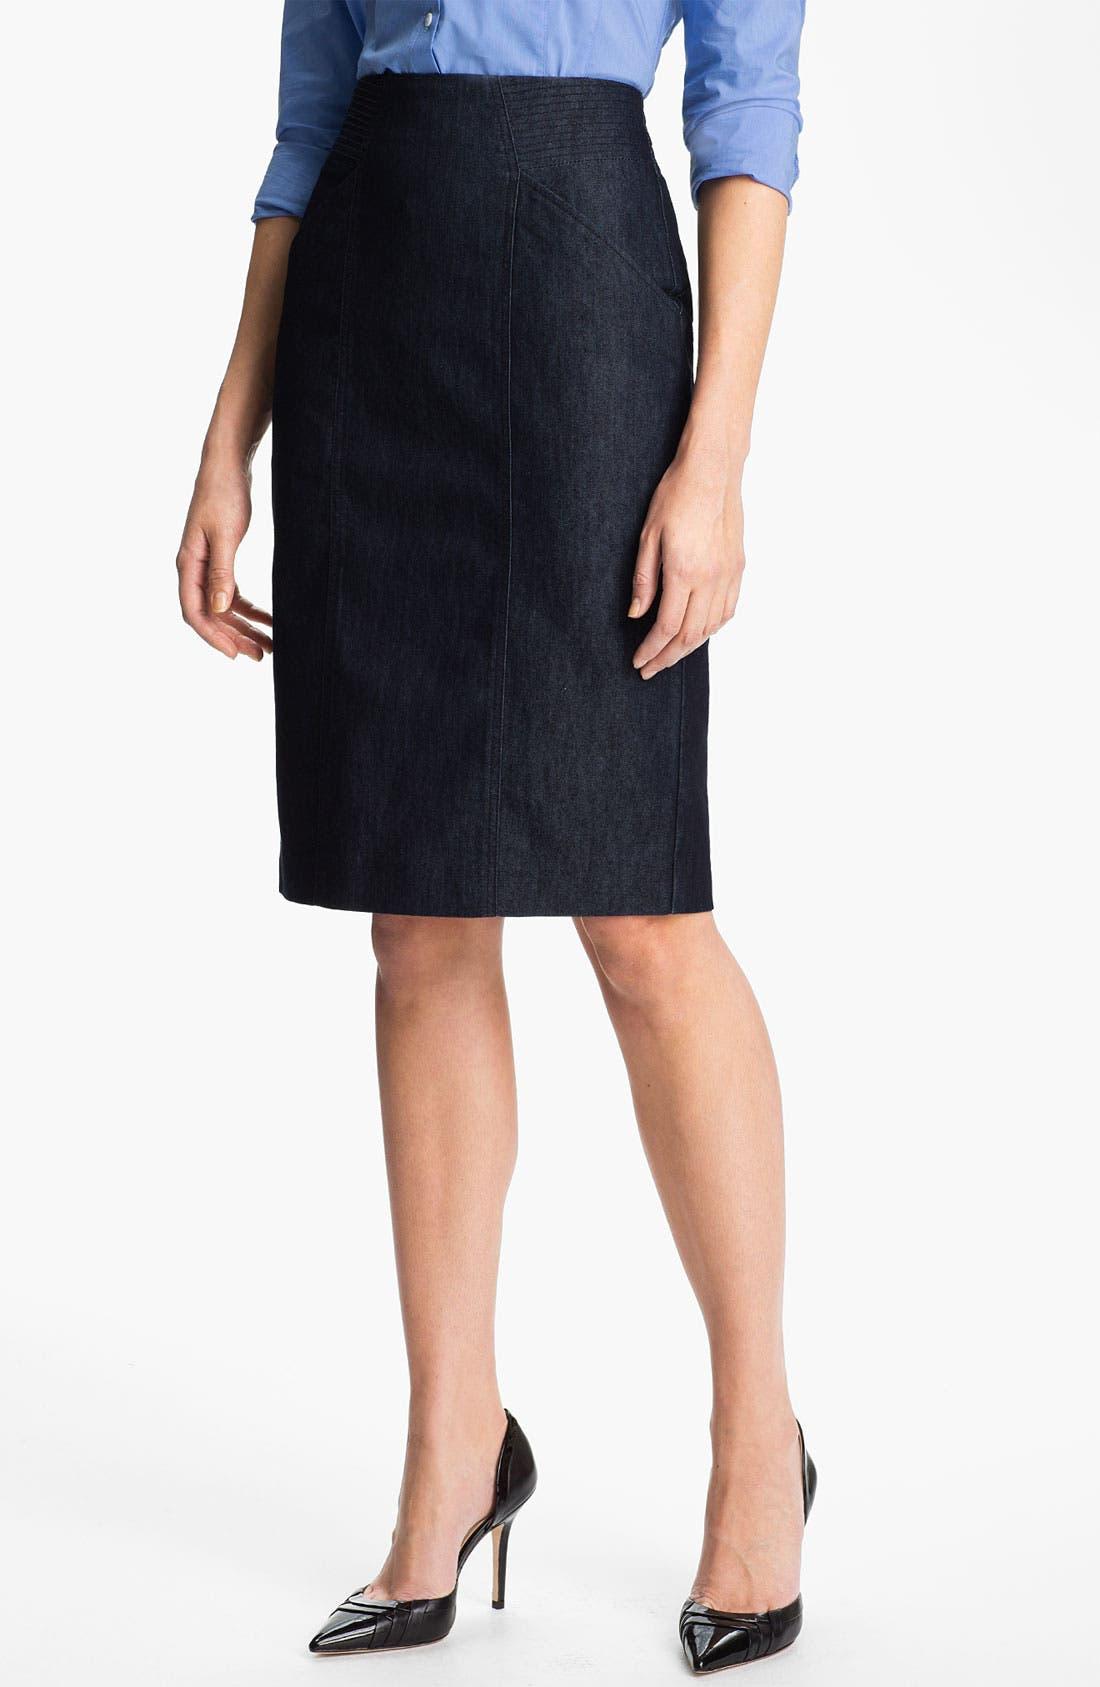 Alternate Image 1 Selected - Halogen® High Waist Denim Skirt